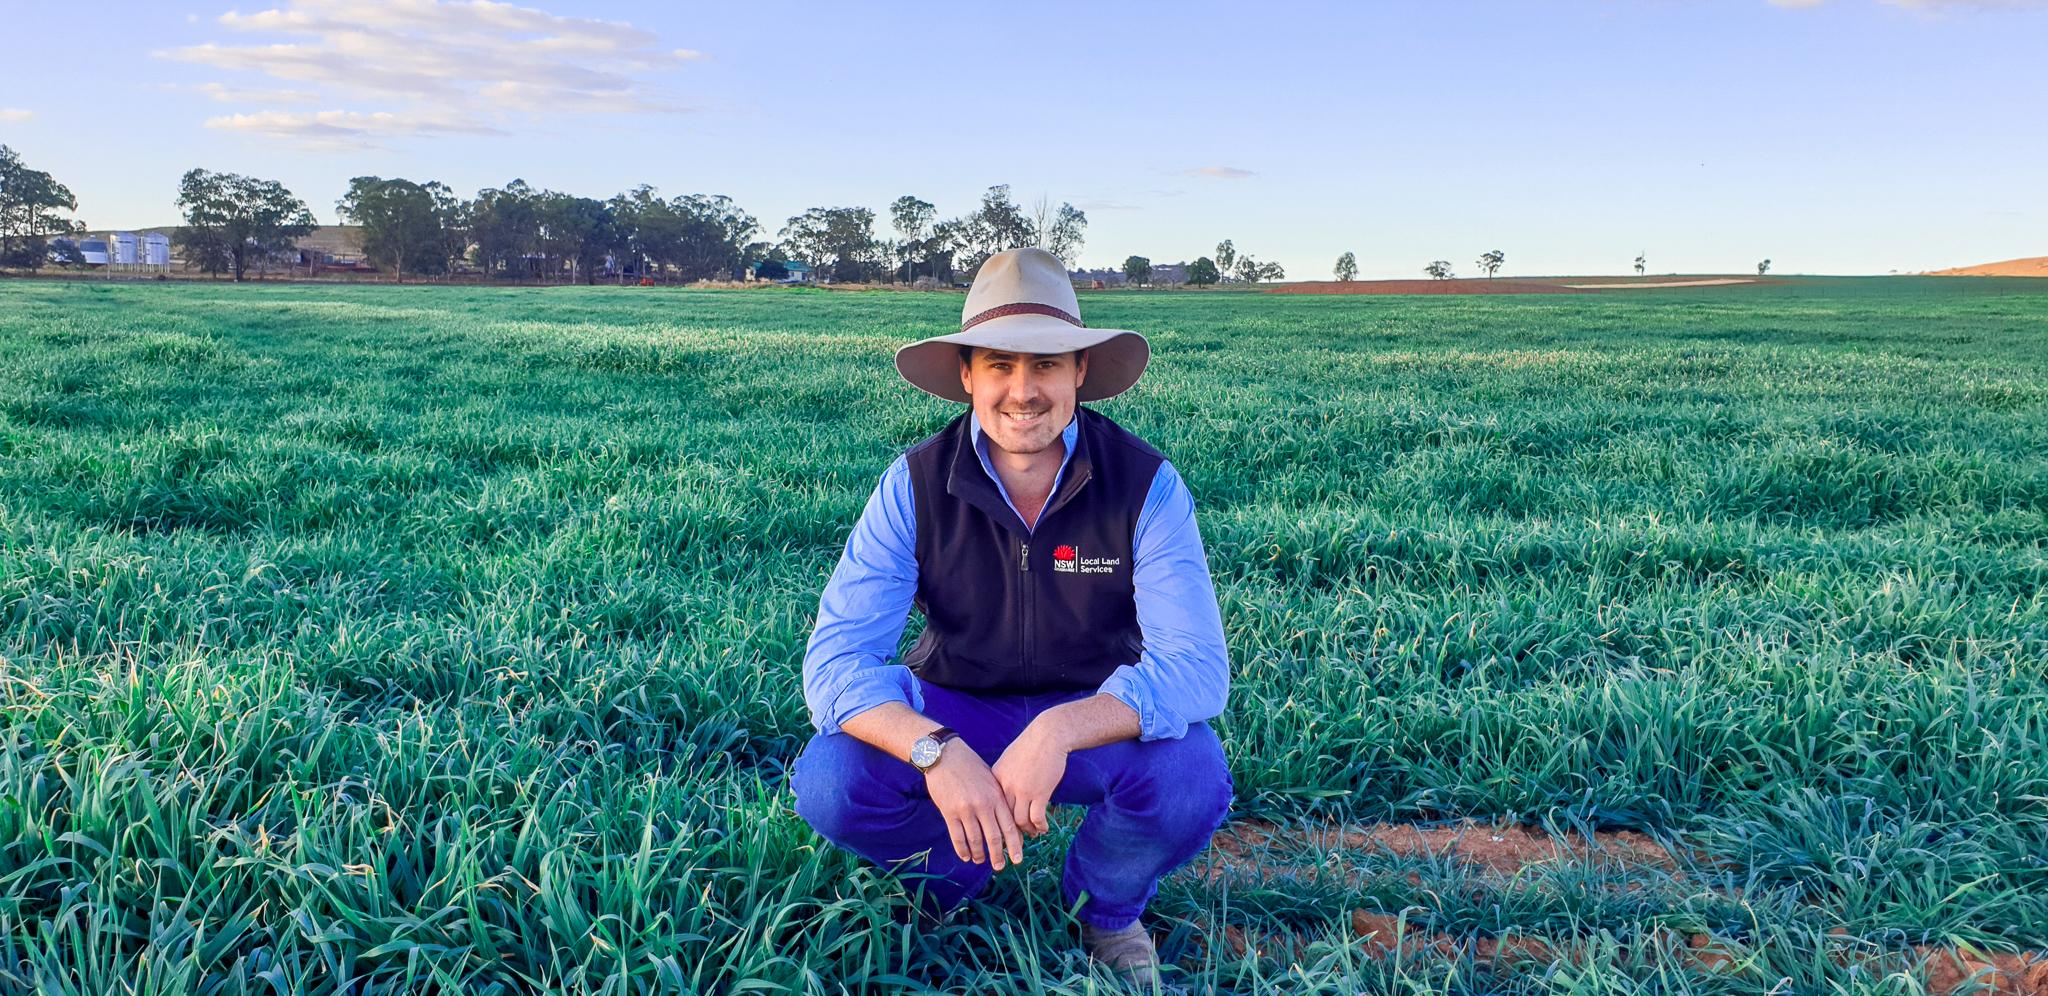 Regional Update – Tim Bartimote, LLS NSW